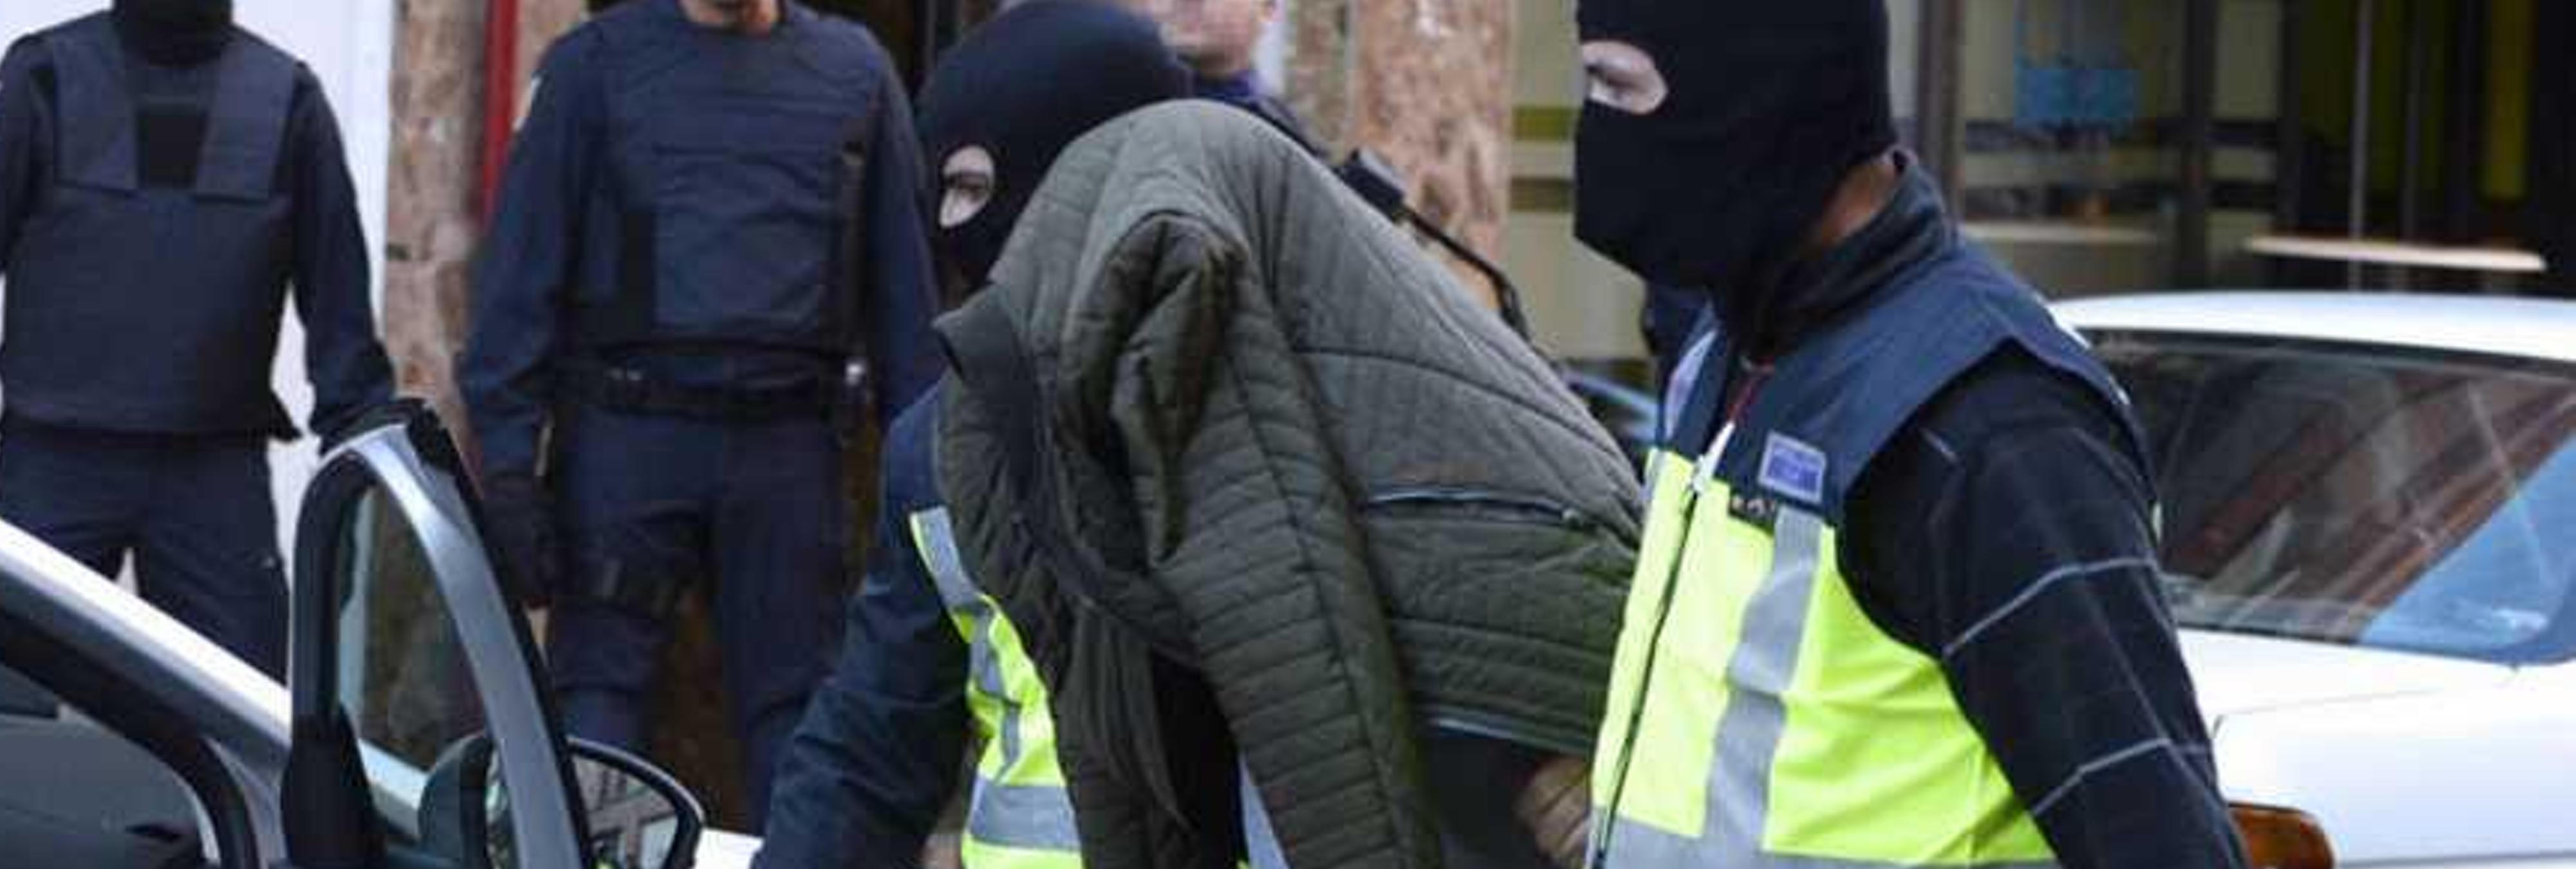 En libertad tres presuntos yihadistas por superar el tiempo encarcelados sin sentencia